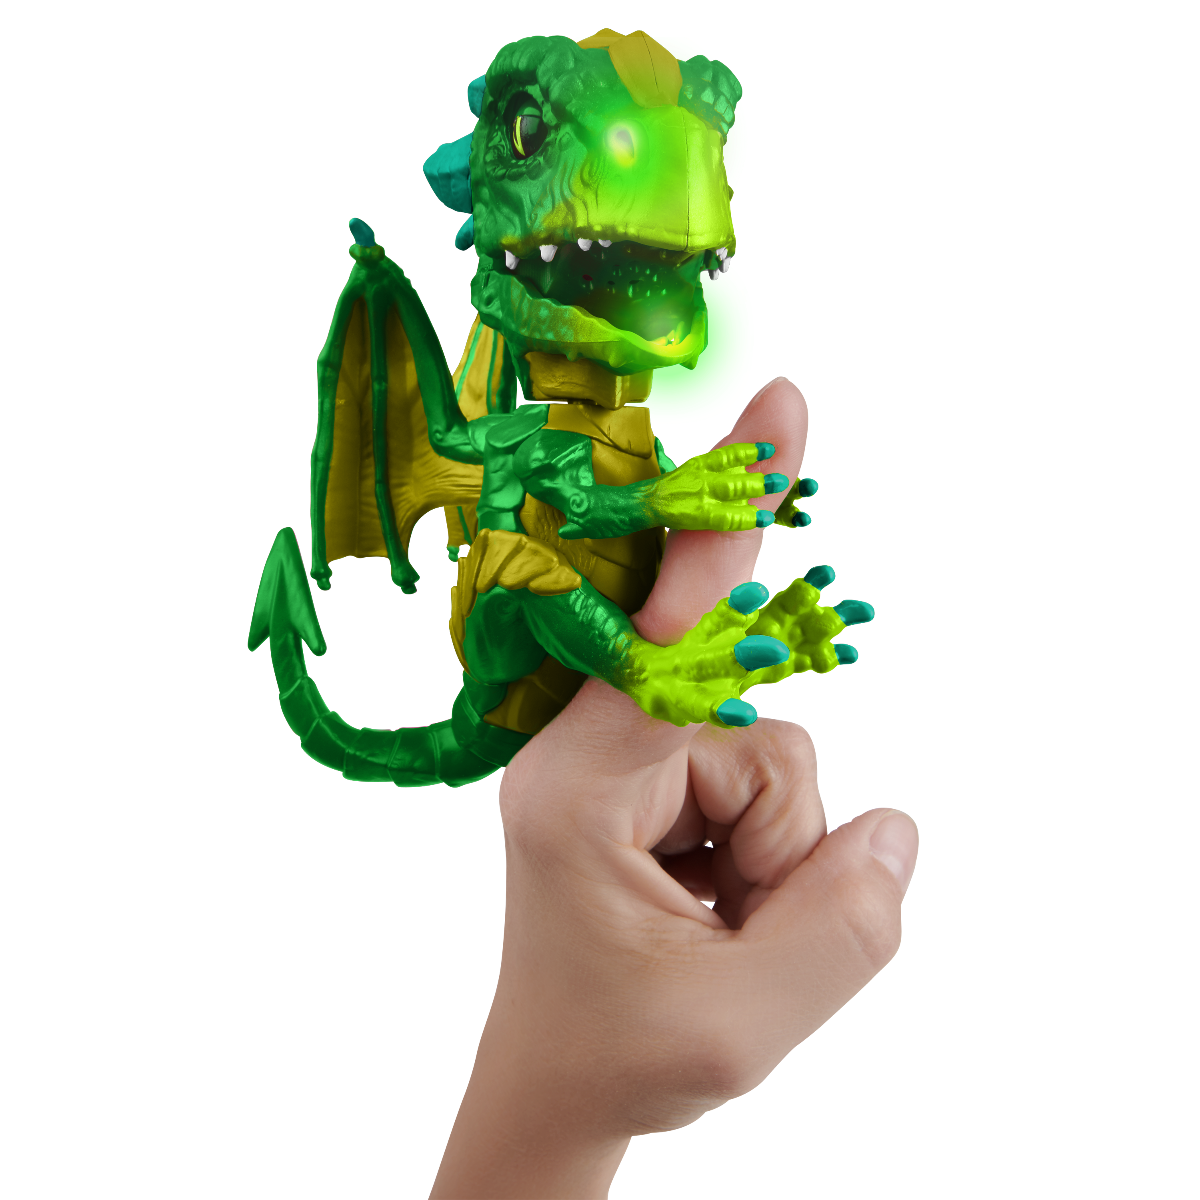 Figurina interactiva Fingerlings - Untamed Dragon Venom